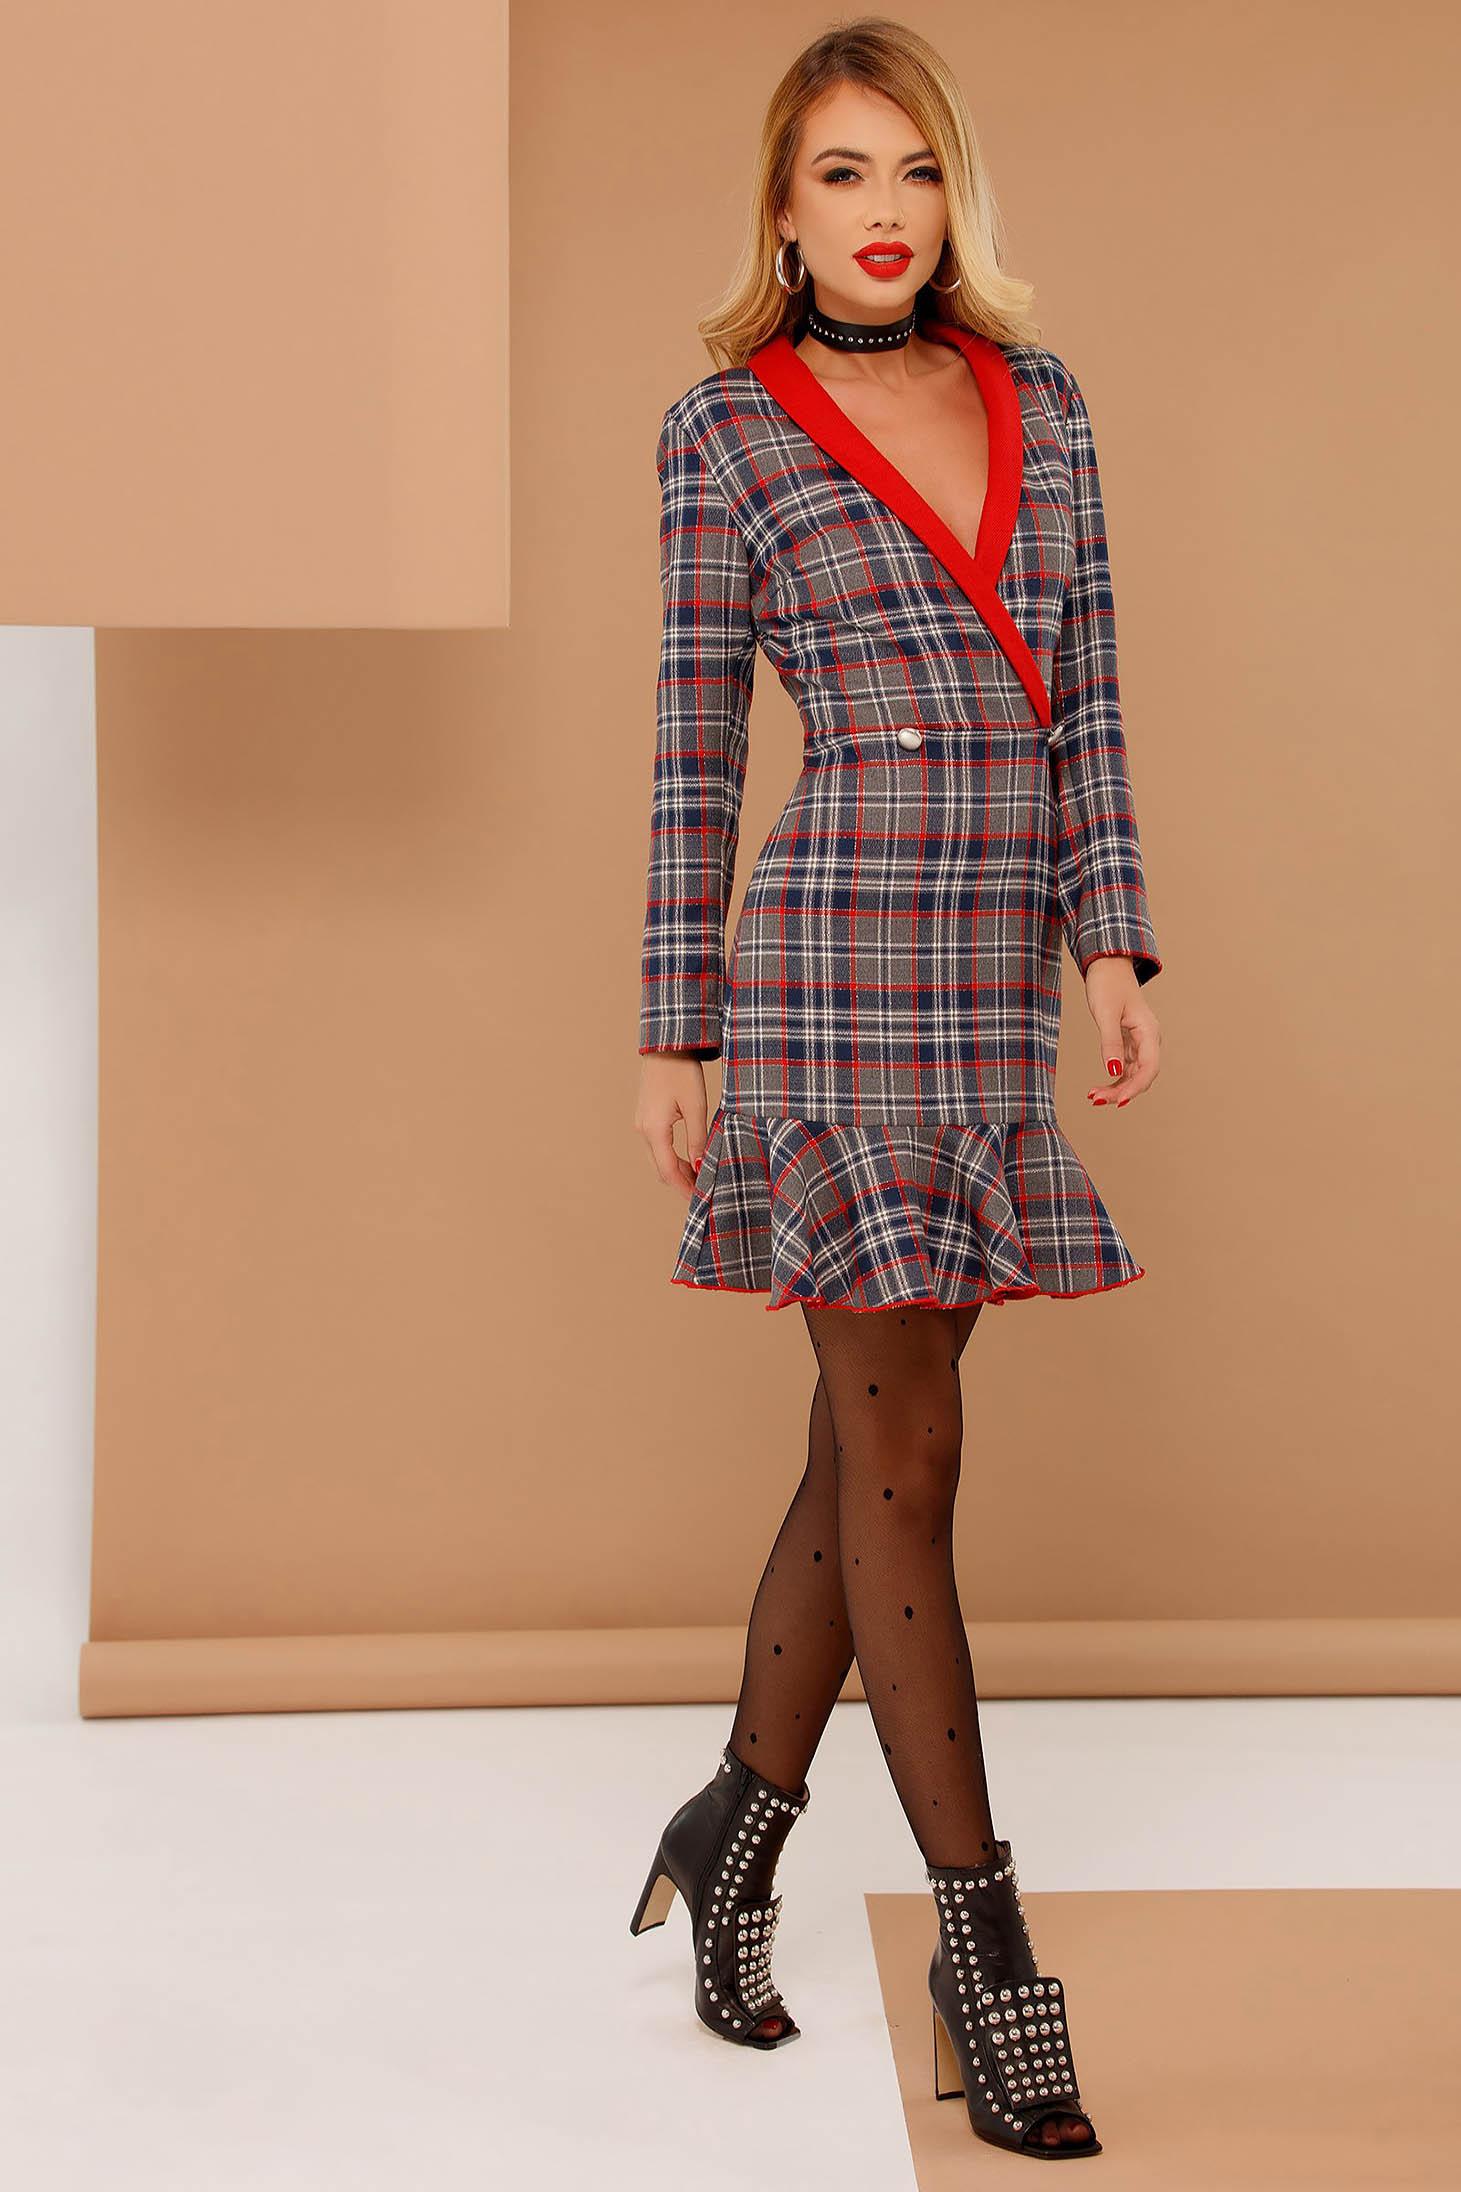 Rochie PrettyGirl rosie din bumbac in carouri cu un croi mulat cu volanase la baza rochiei